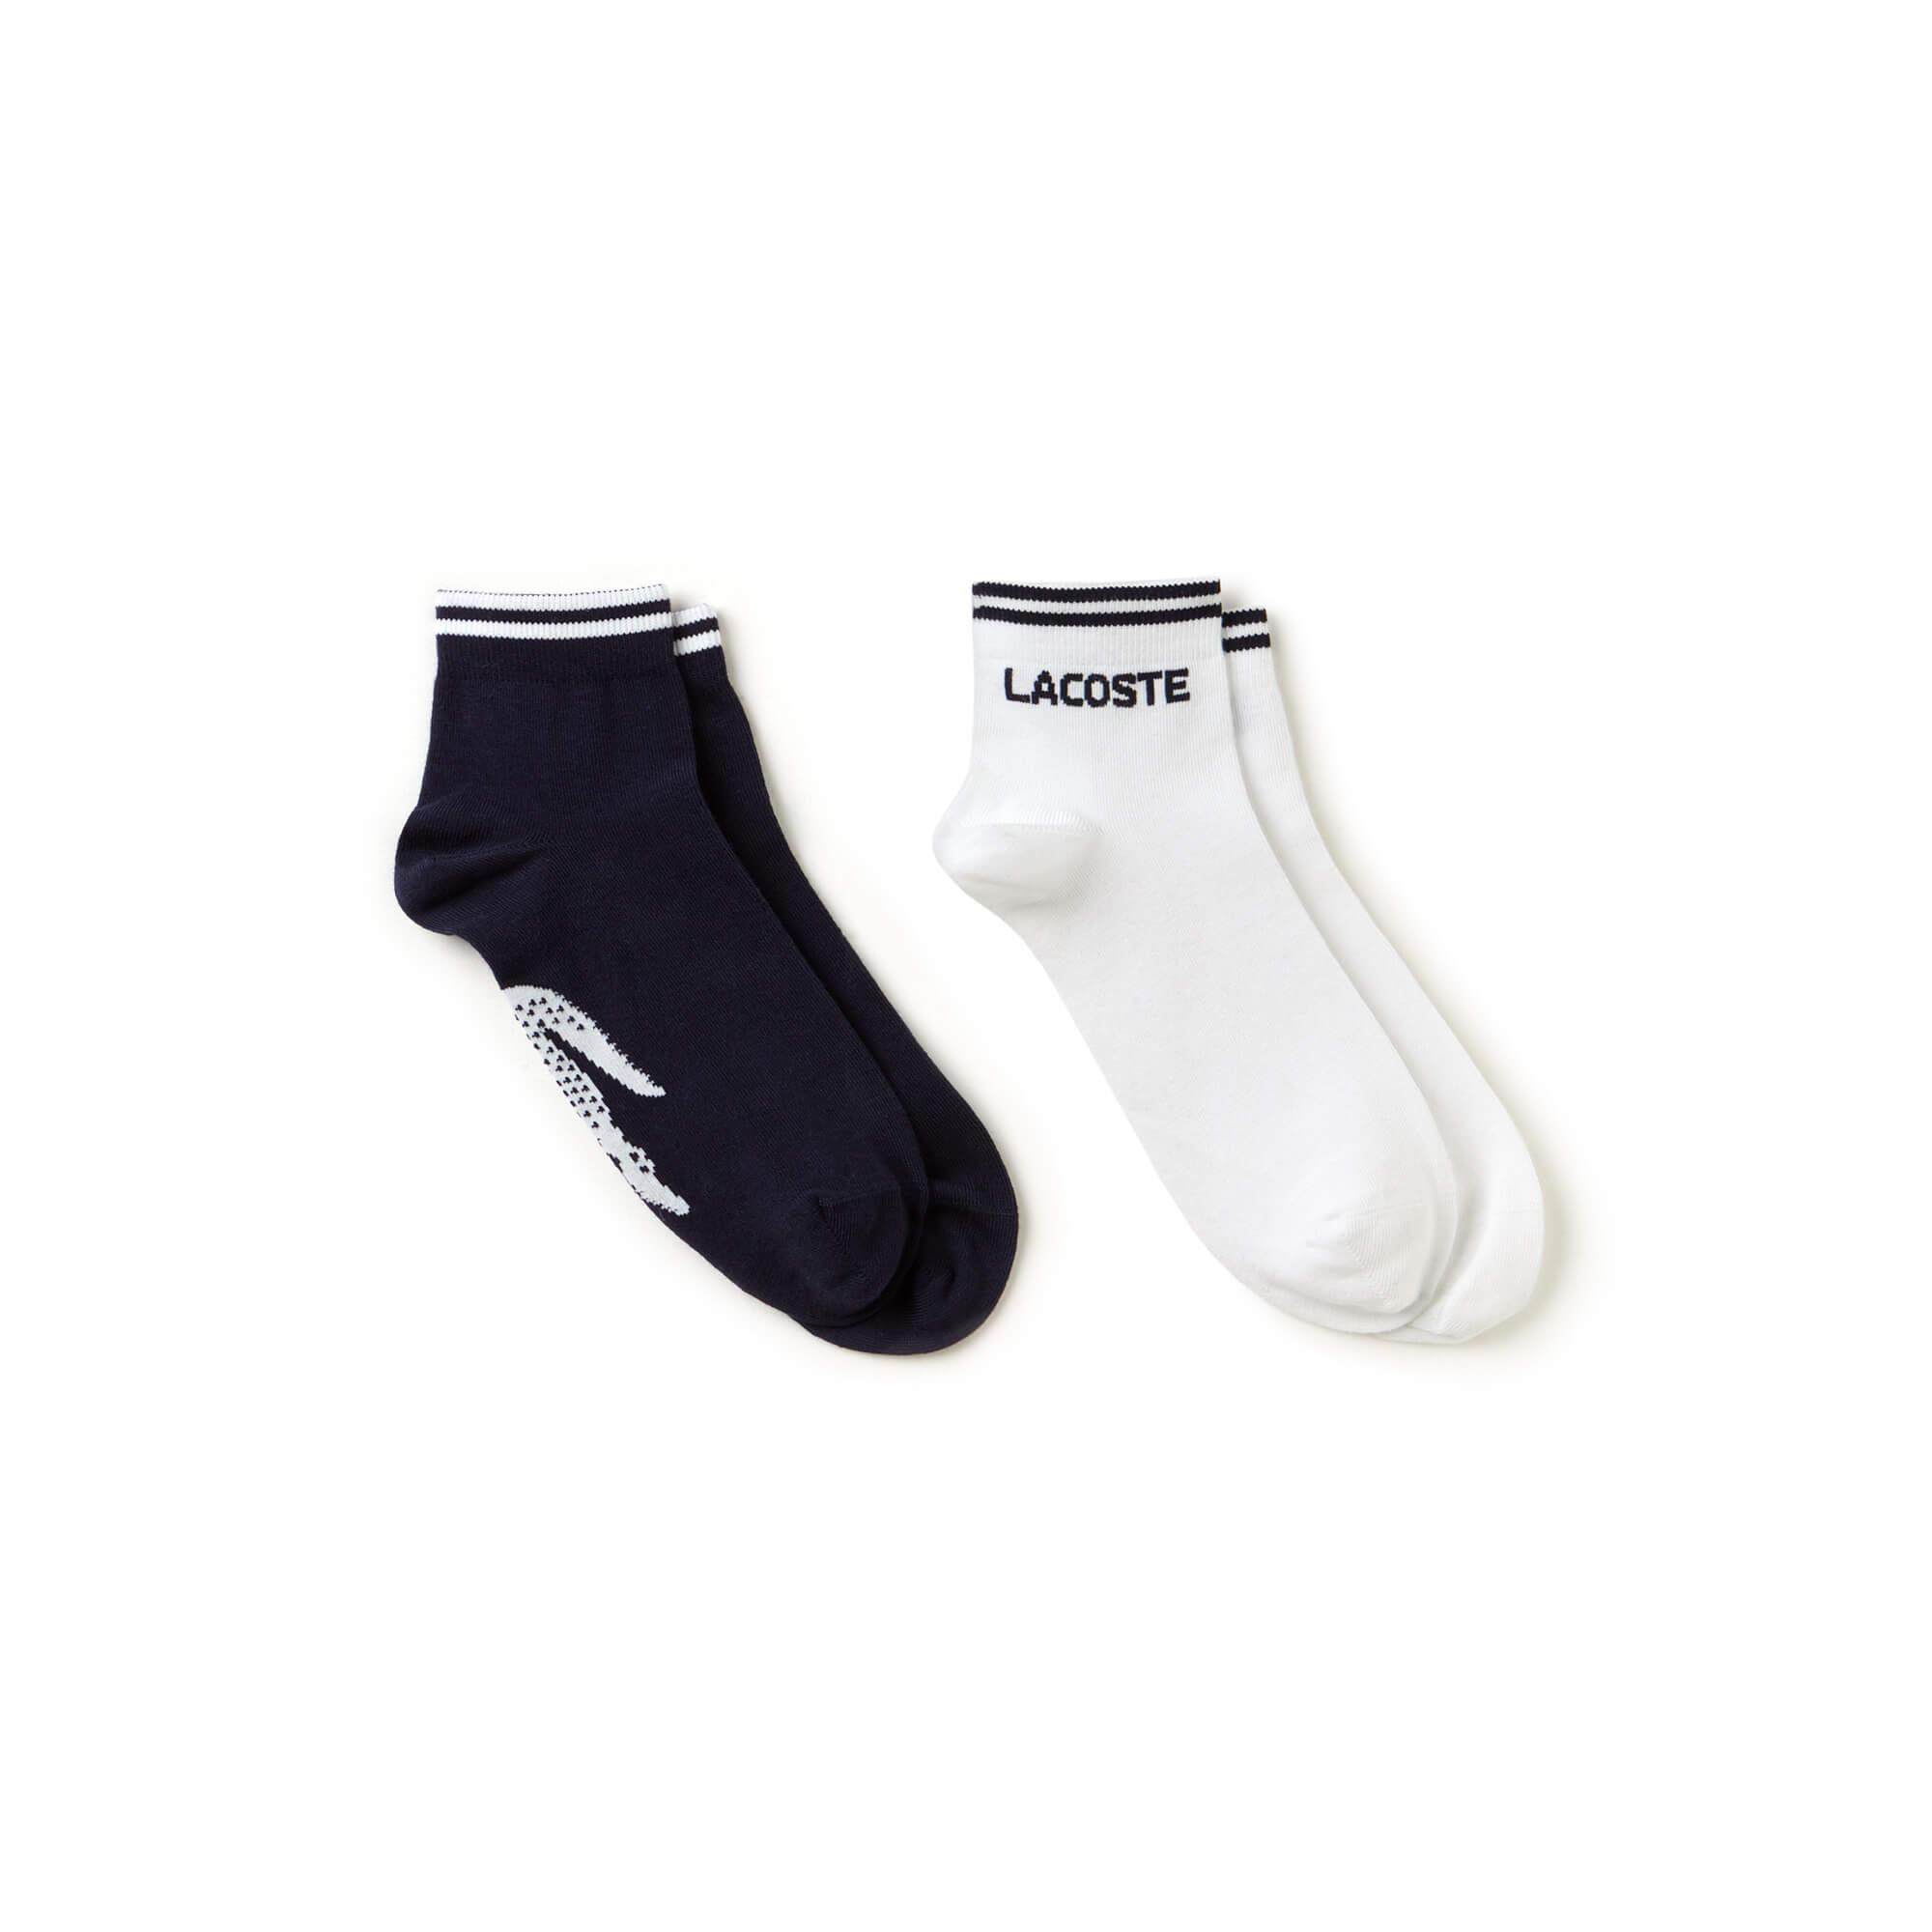 Lacoste Unisex Sport Lacivert-Beyaz 2'li Çorap